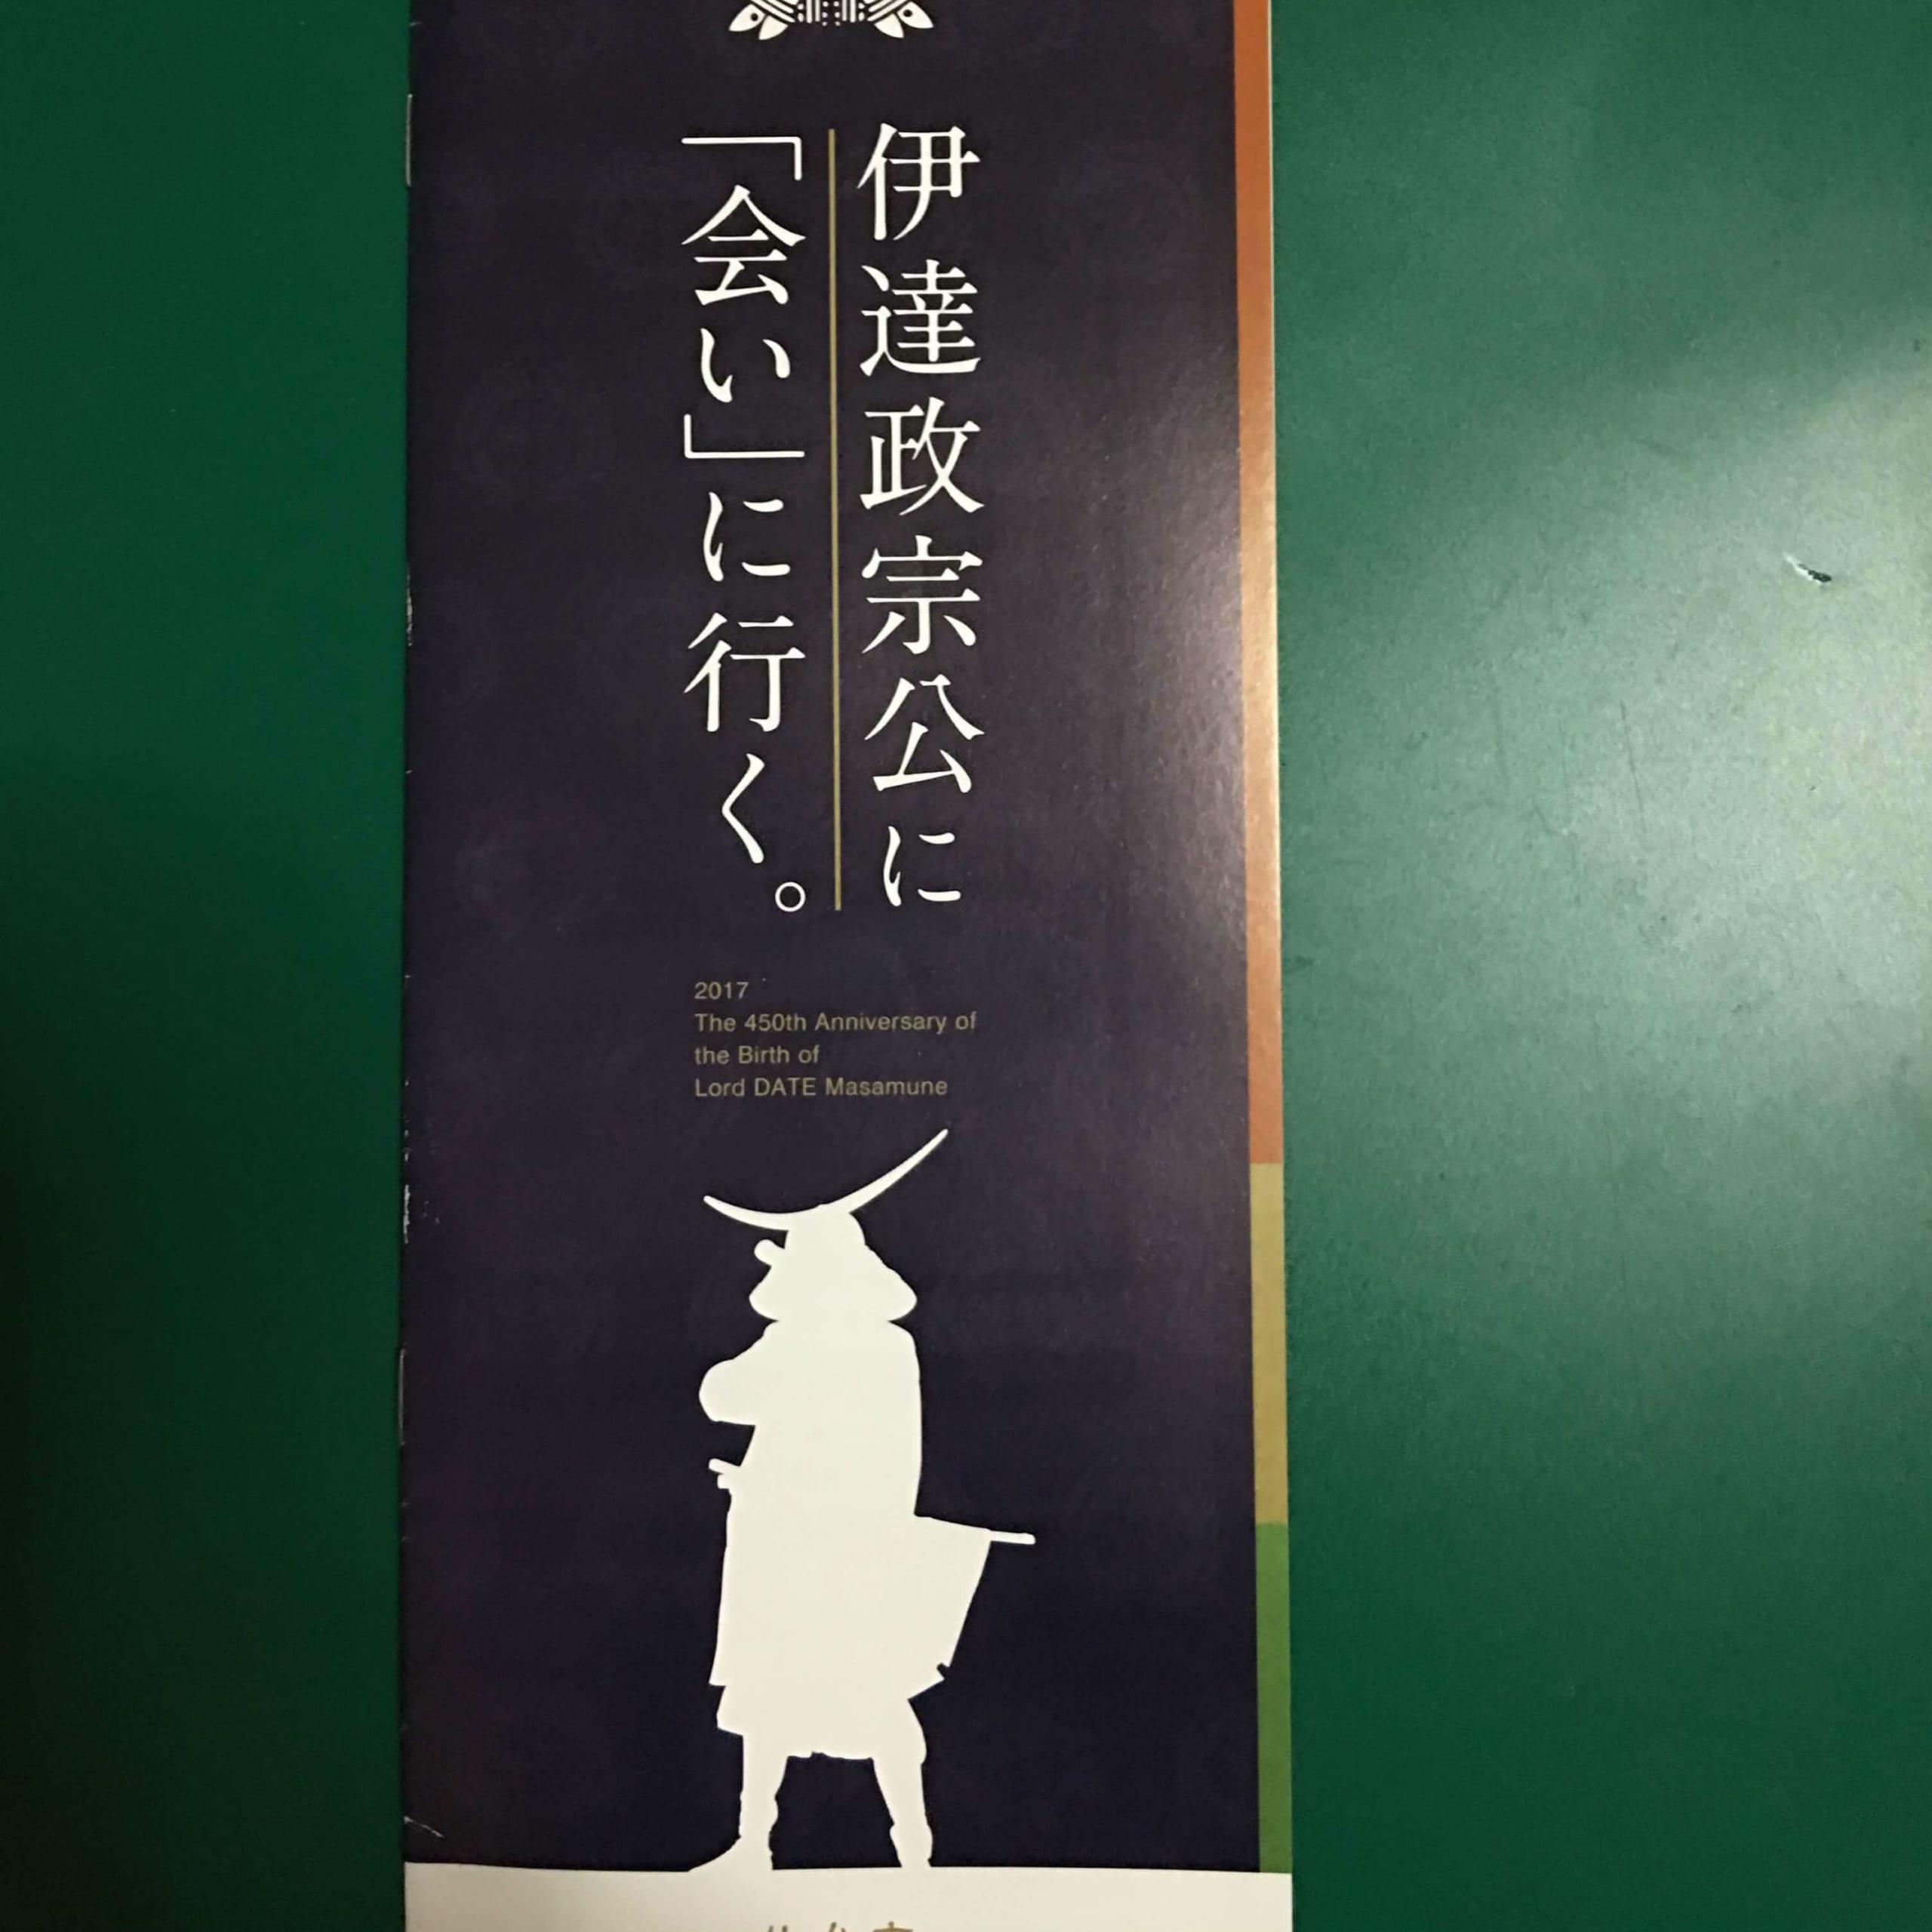 生誕450年を迎えた伊達政宗卿のおひざ元、仙台を訪問